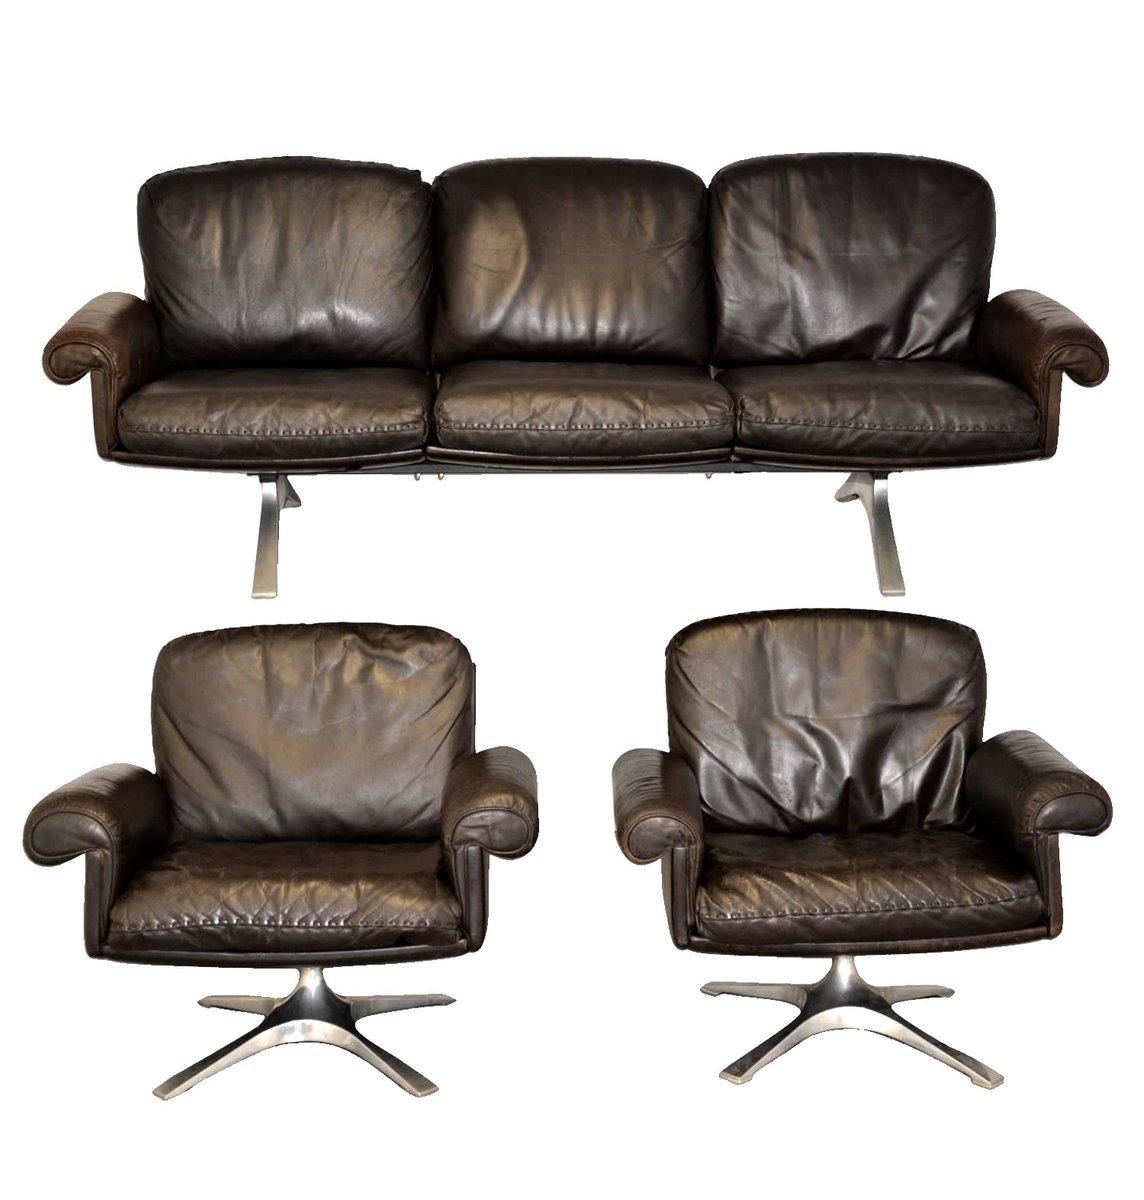 Poltrone girevoli e divano ds 31 vintage di de sede for Poltrone girevoli